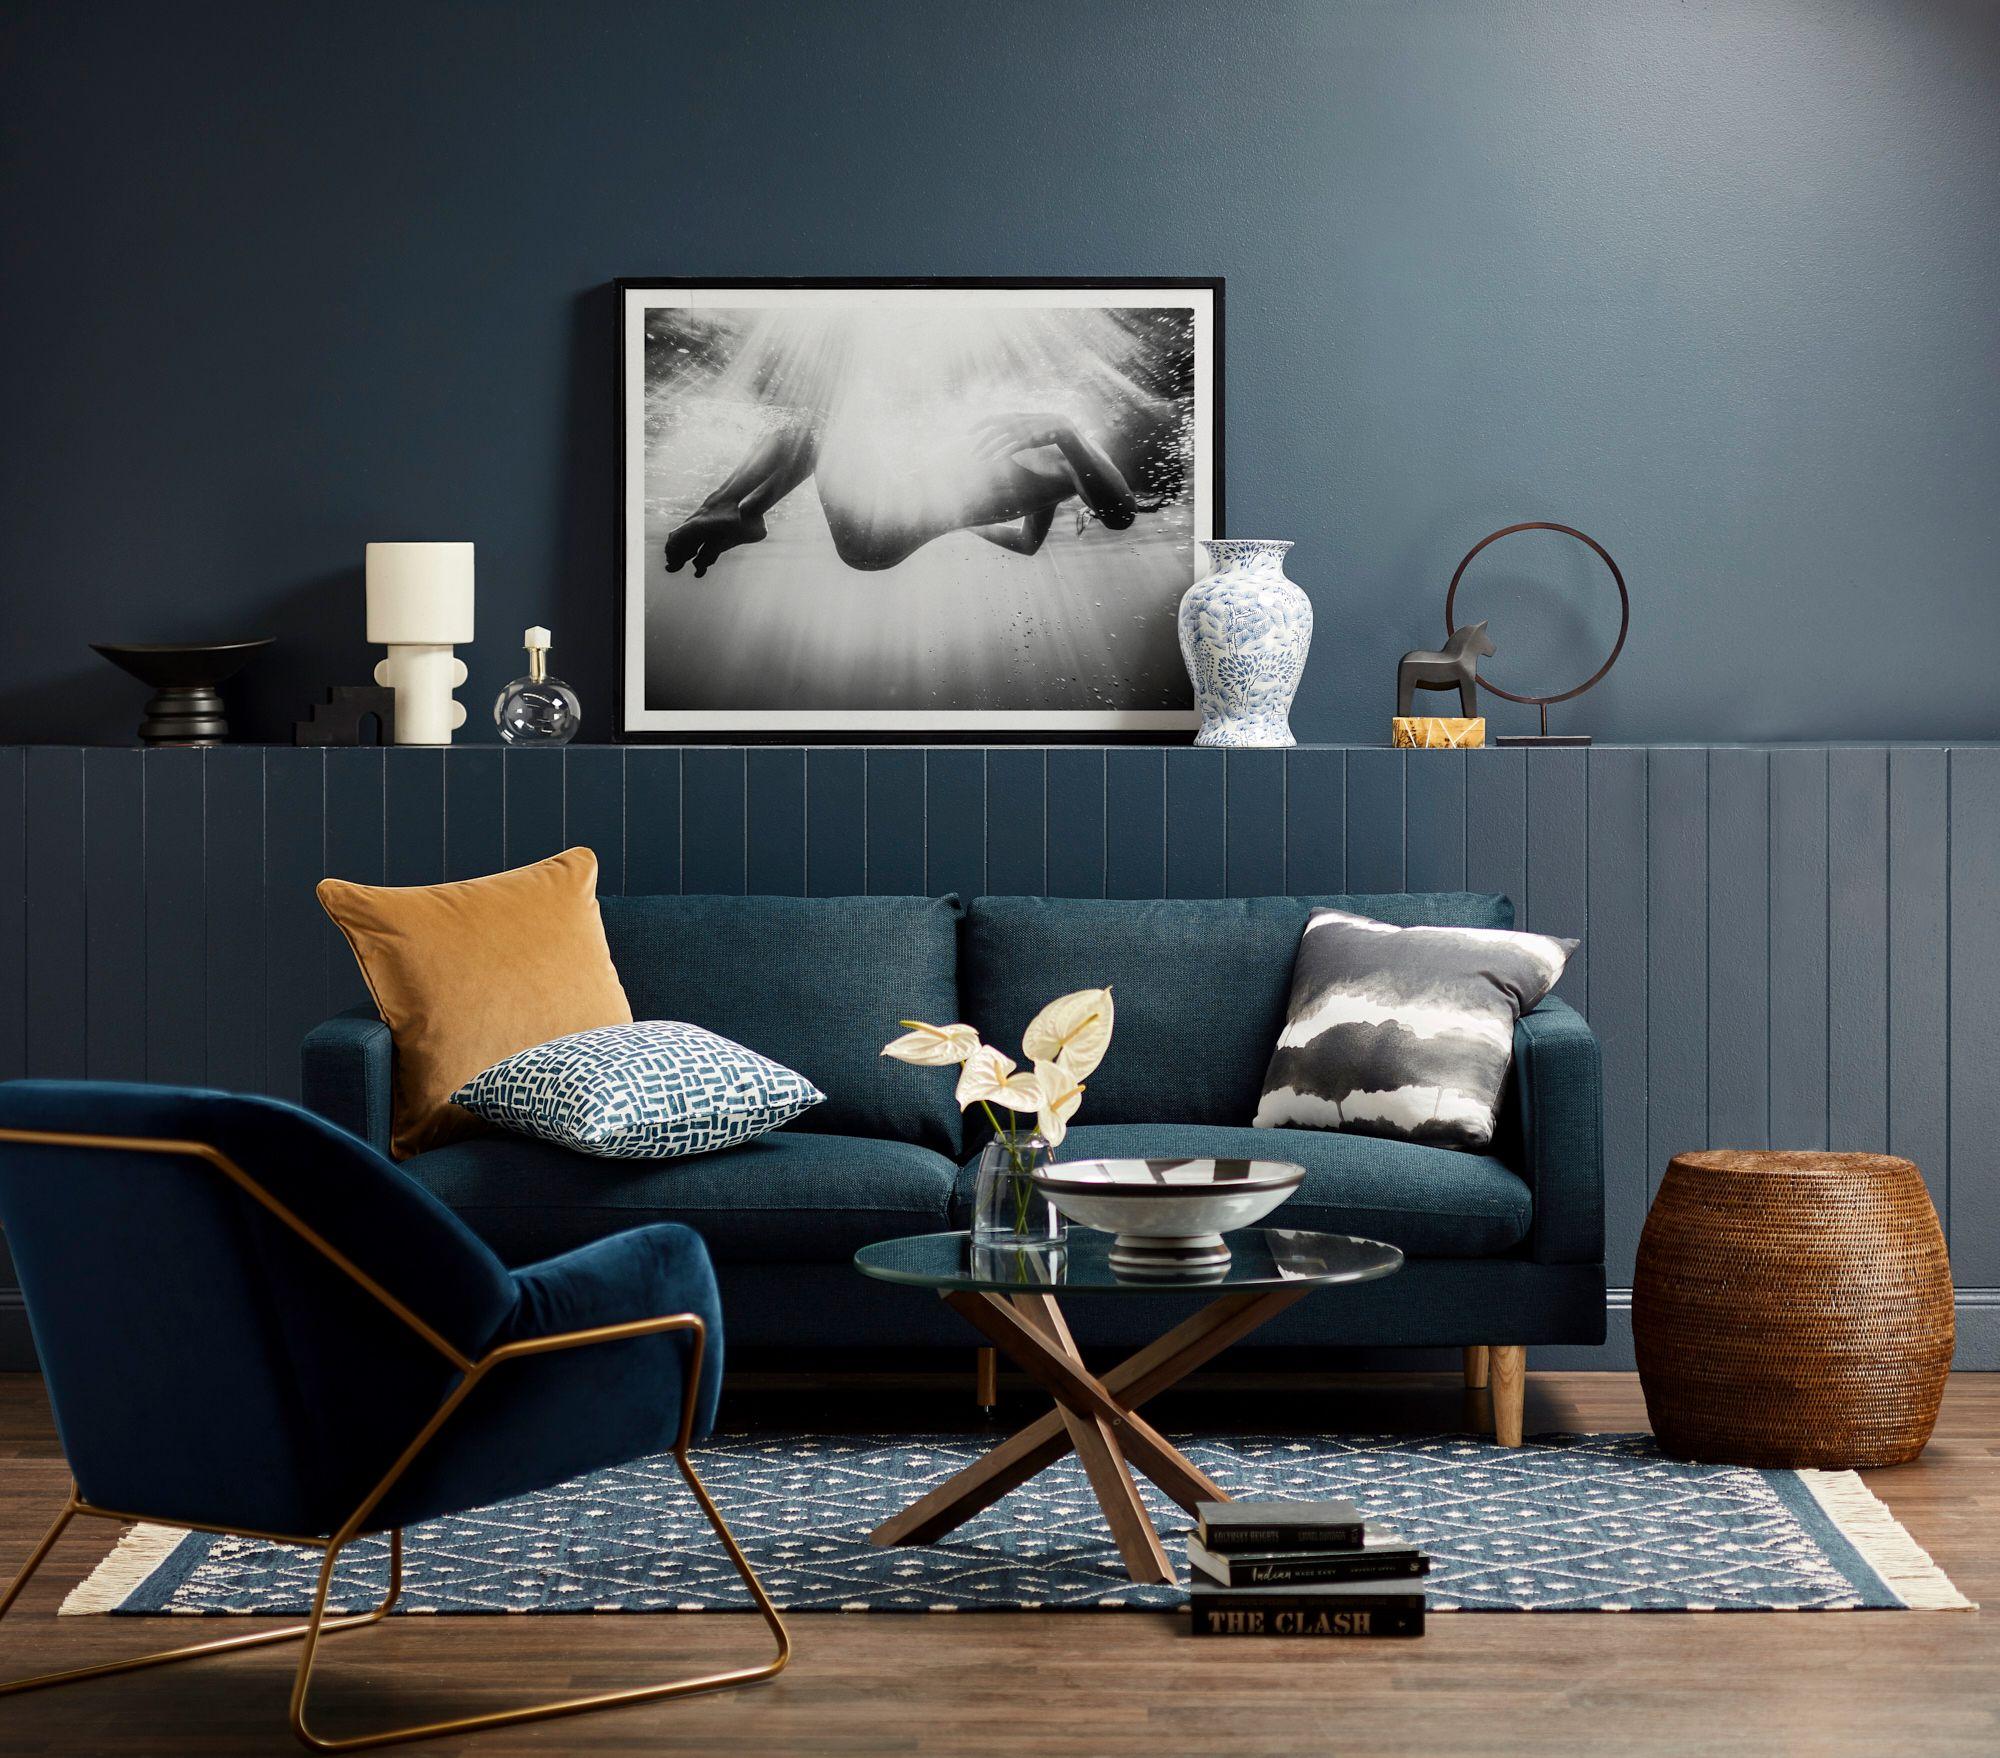 Walnut Navy Bedroom Living Room Trends Living Room Room